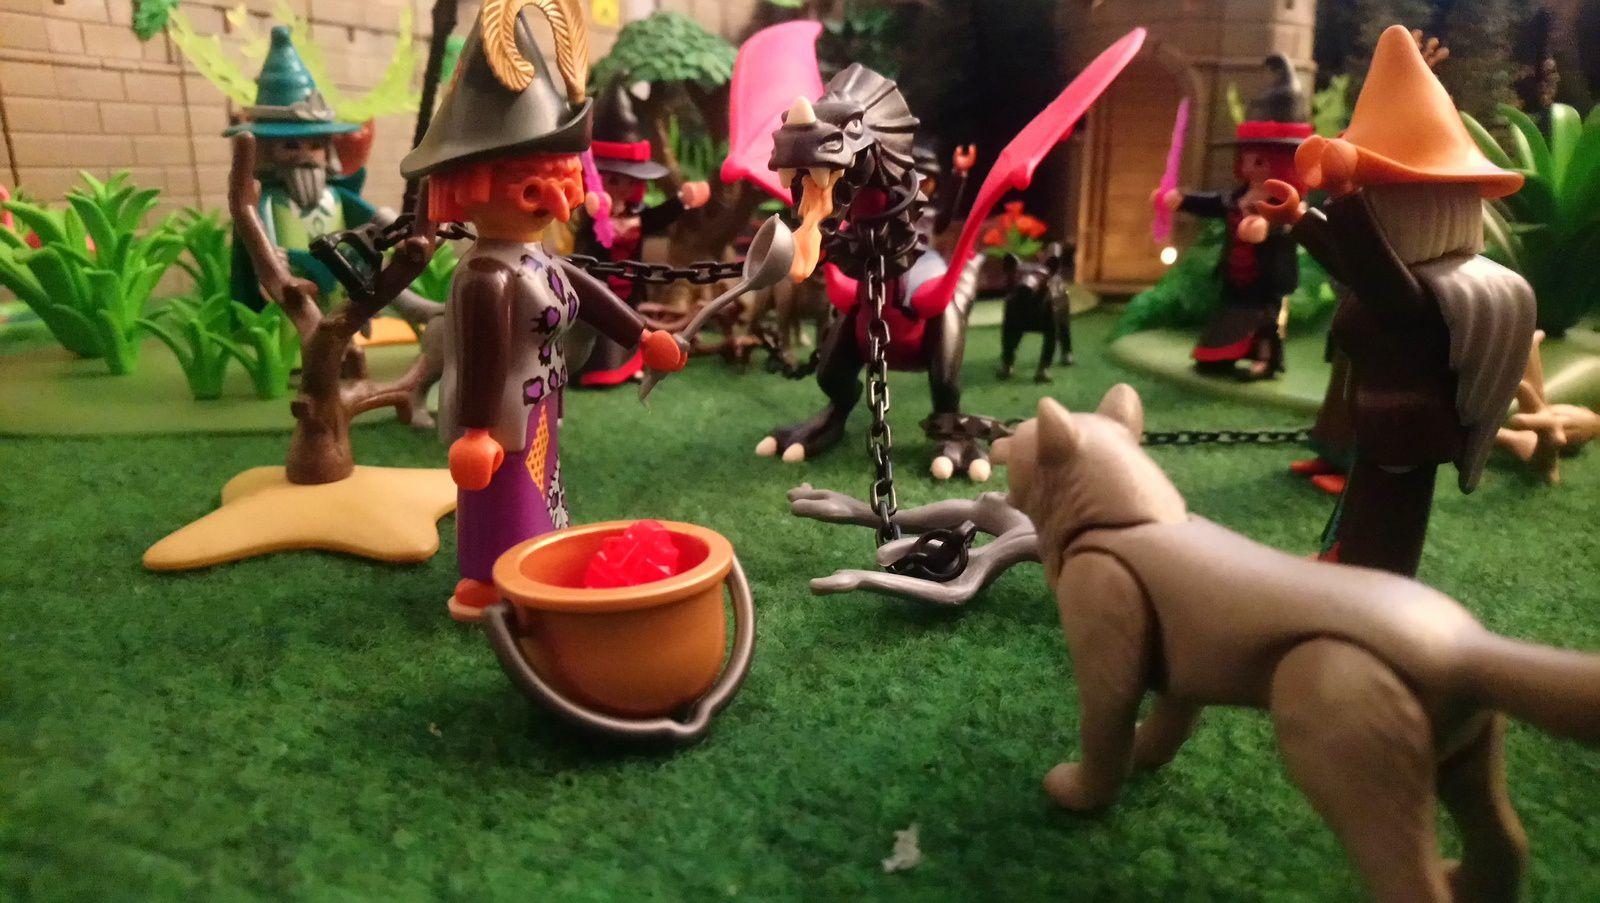 Le maléfique dragon Mérull a été capturé et enchaîné par les trolls. Les sorcières entament une danse autour de lui en chantant des incantations magiques pendant que l'une d'elles lui fait boire de la potion magique au flamand rose.